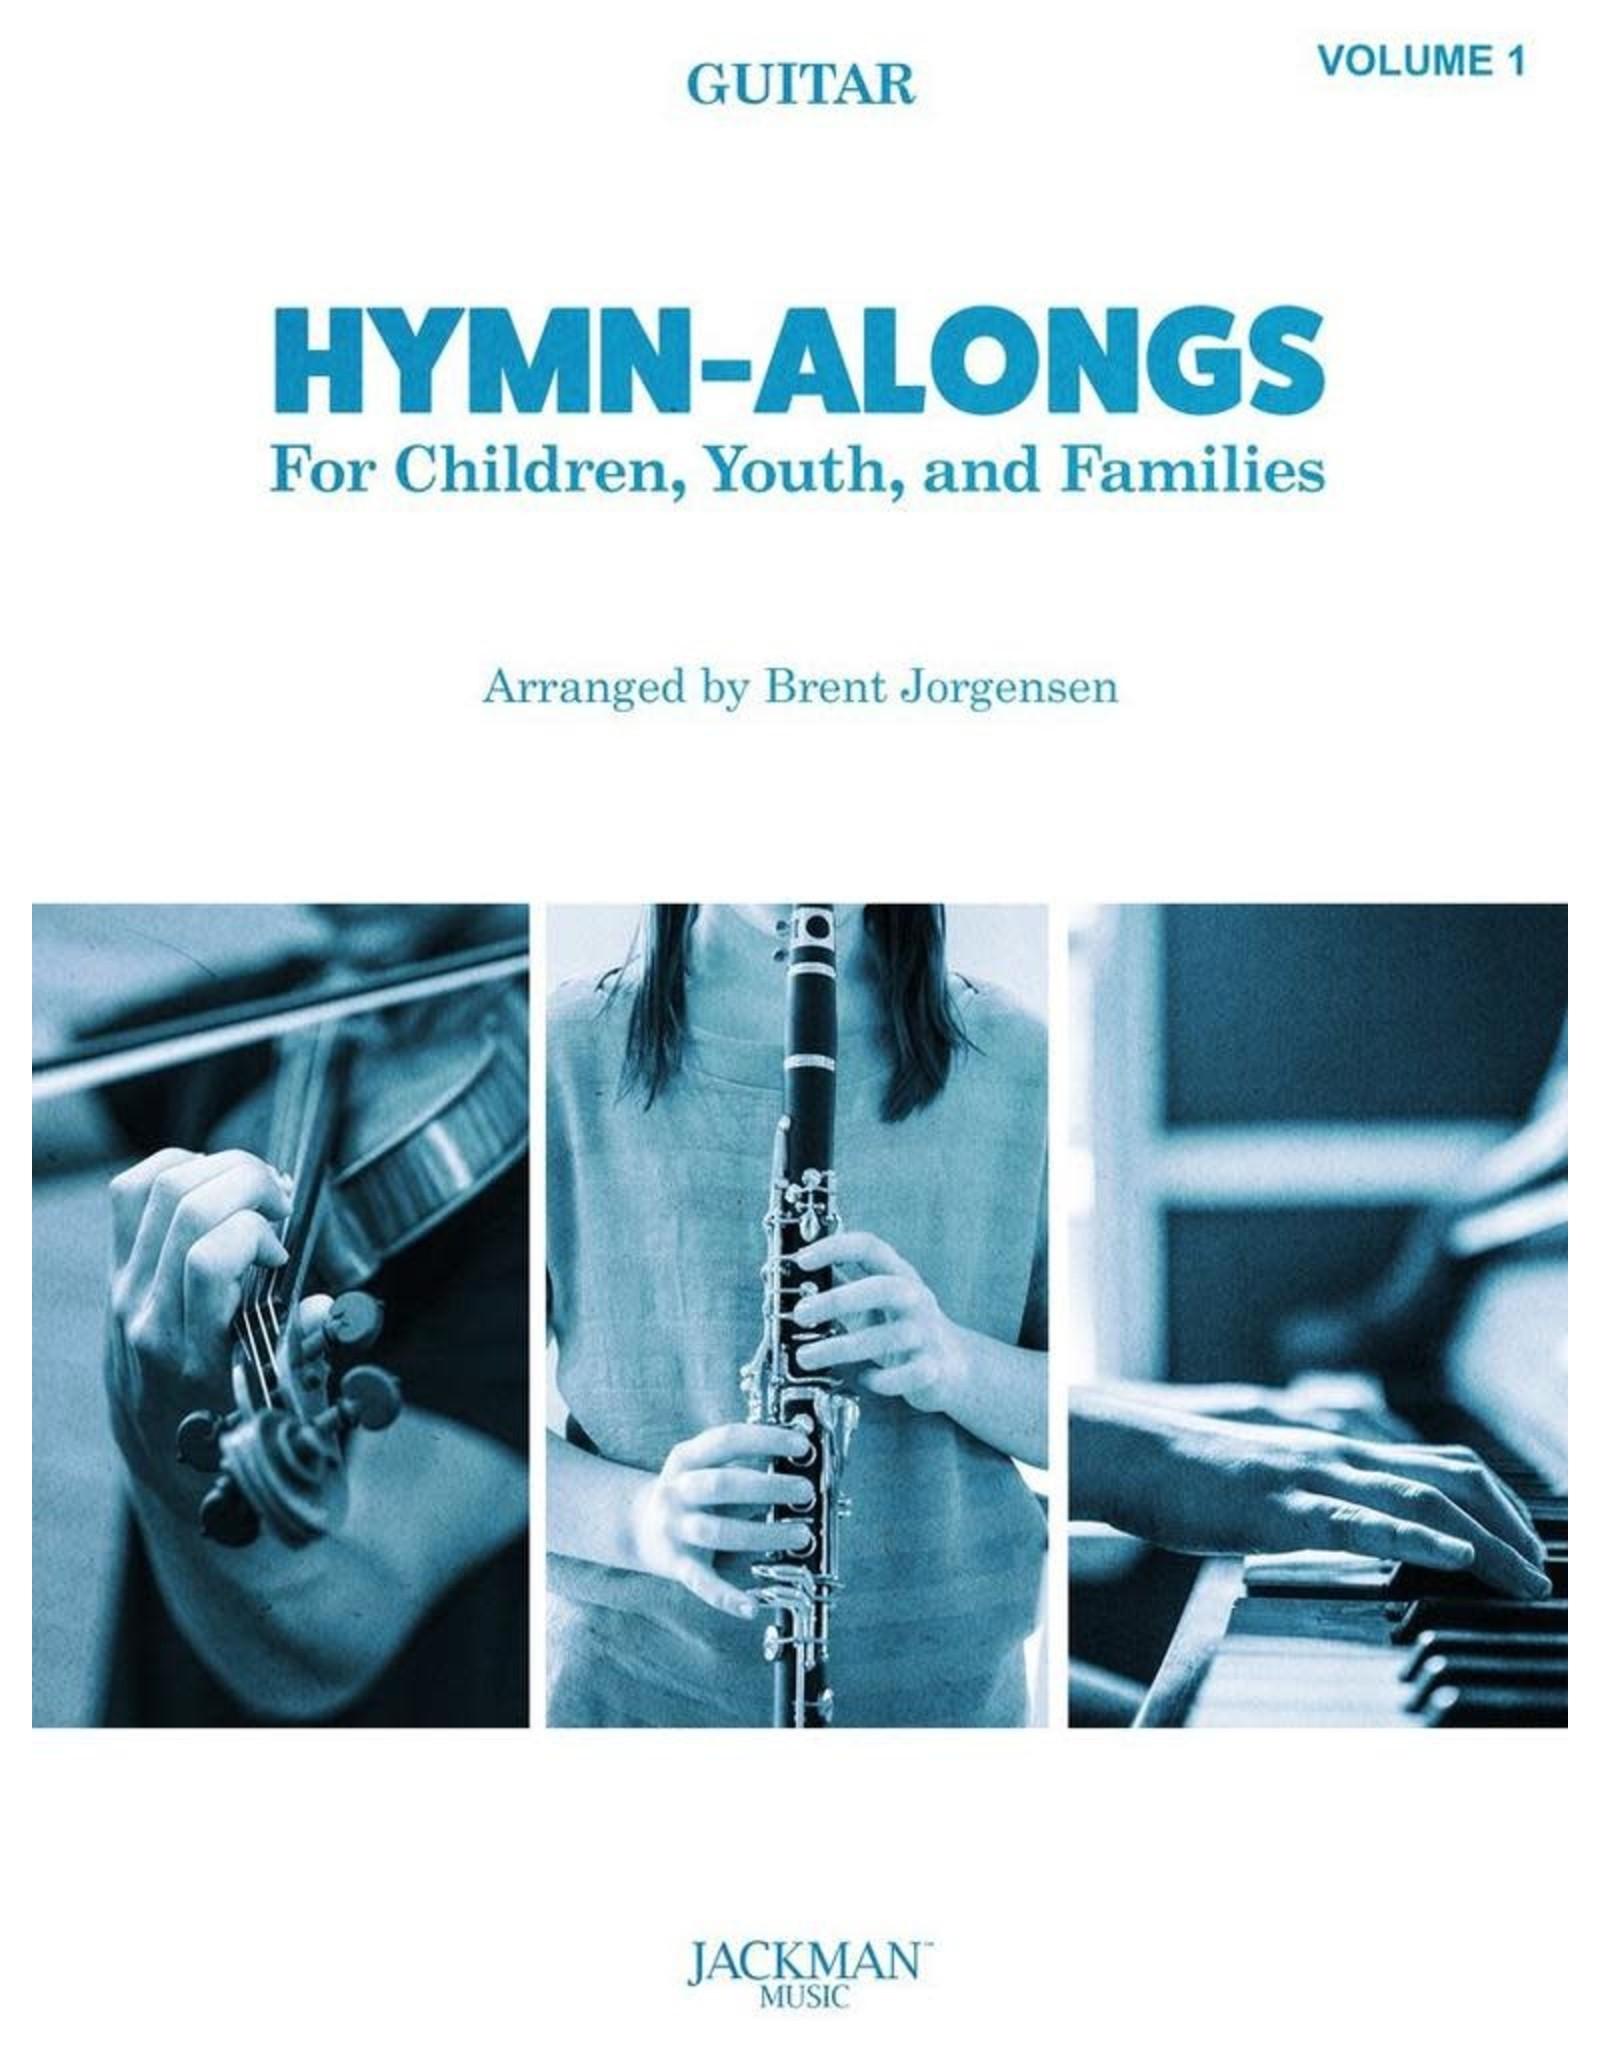 Jackman Music Hymn-Alongs Vol. 1 - arr. Brent Jorgensen - Guitar